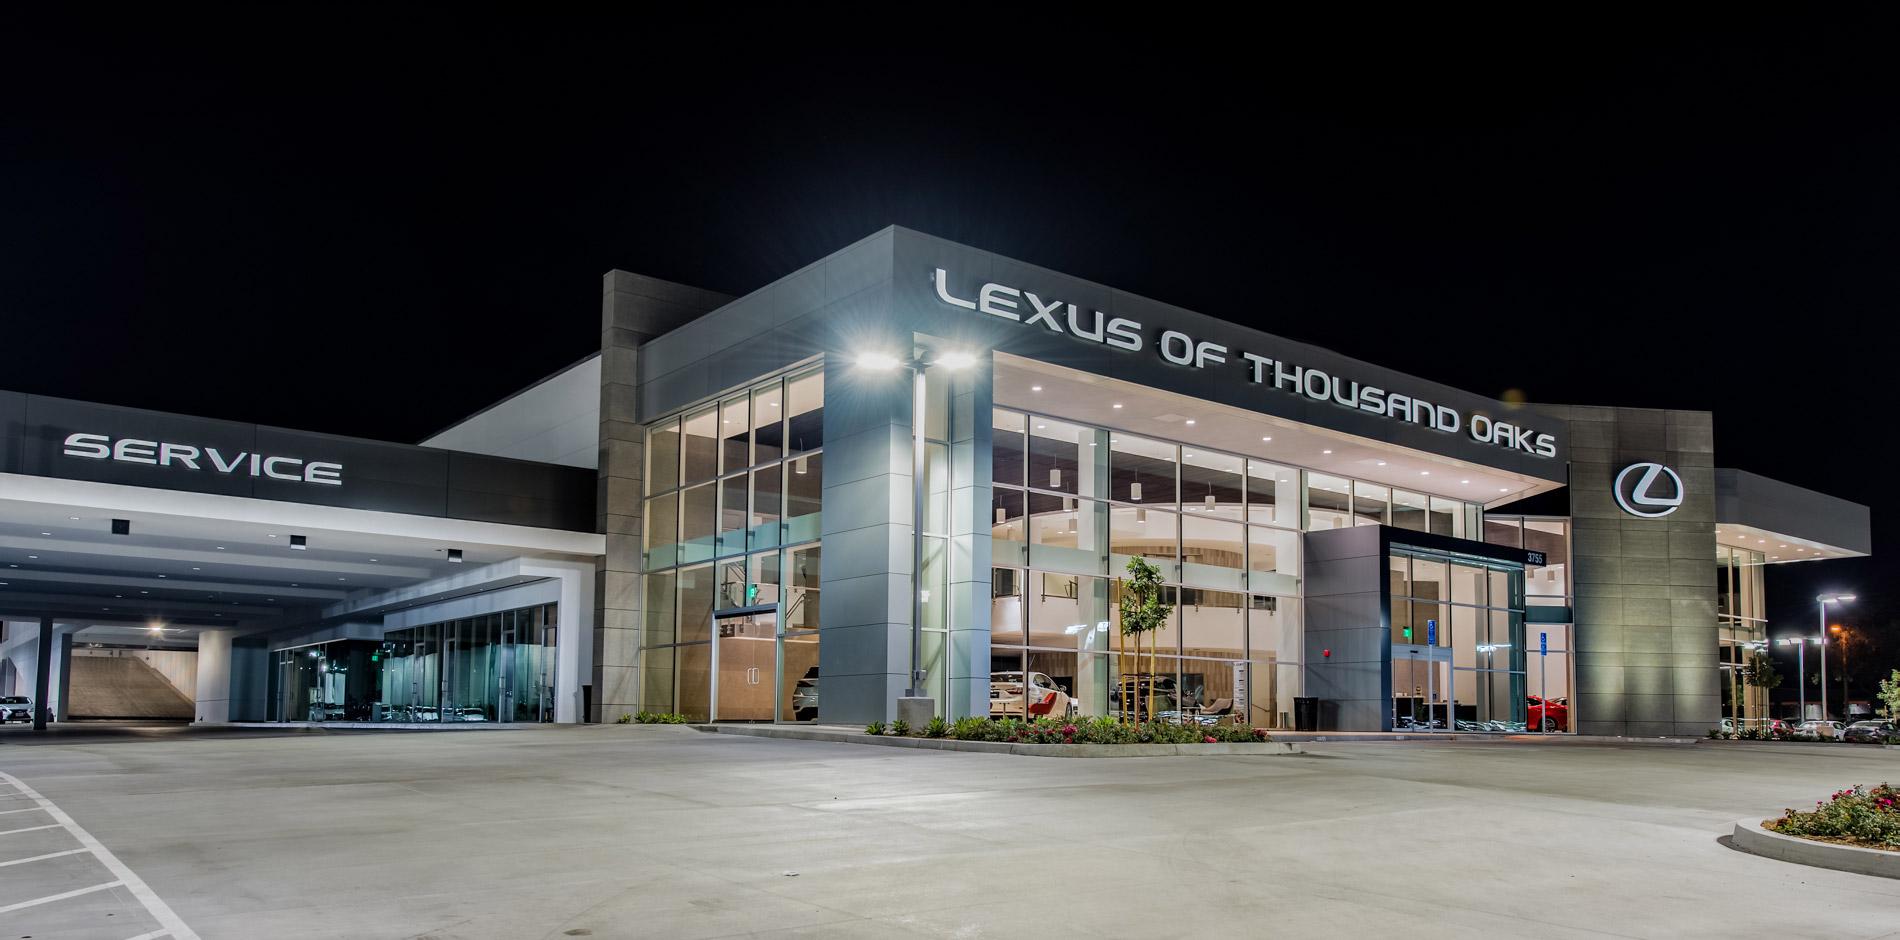 Elegant Lexus Dealership Pre Construction And Construction Management